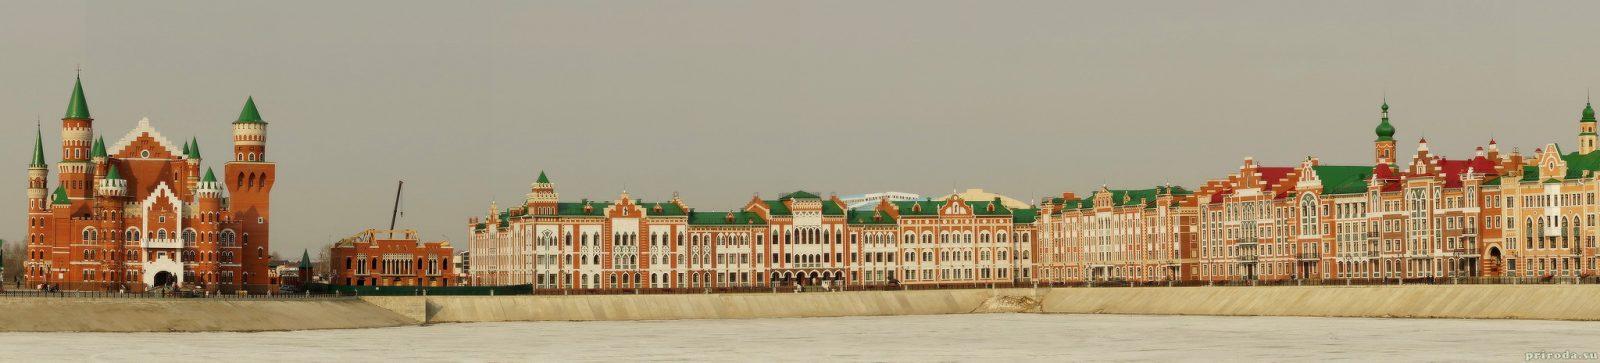 Панорама, открывающаяся с берегов реки Малая Кокшага